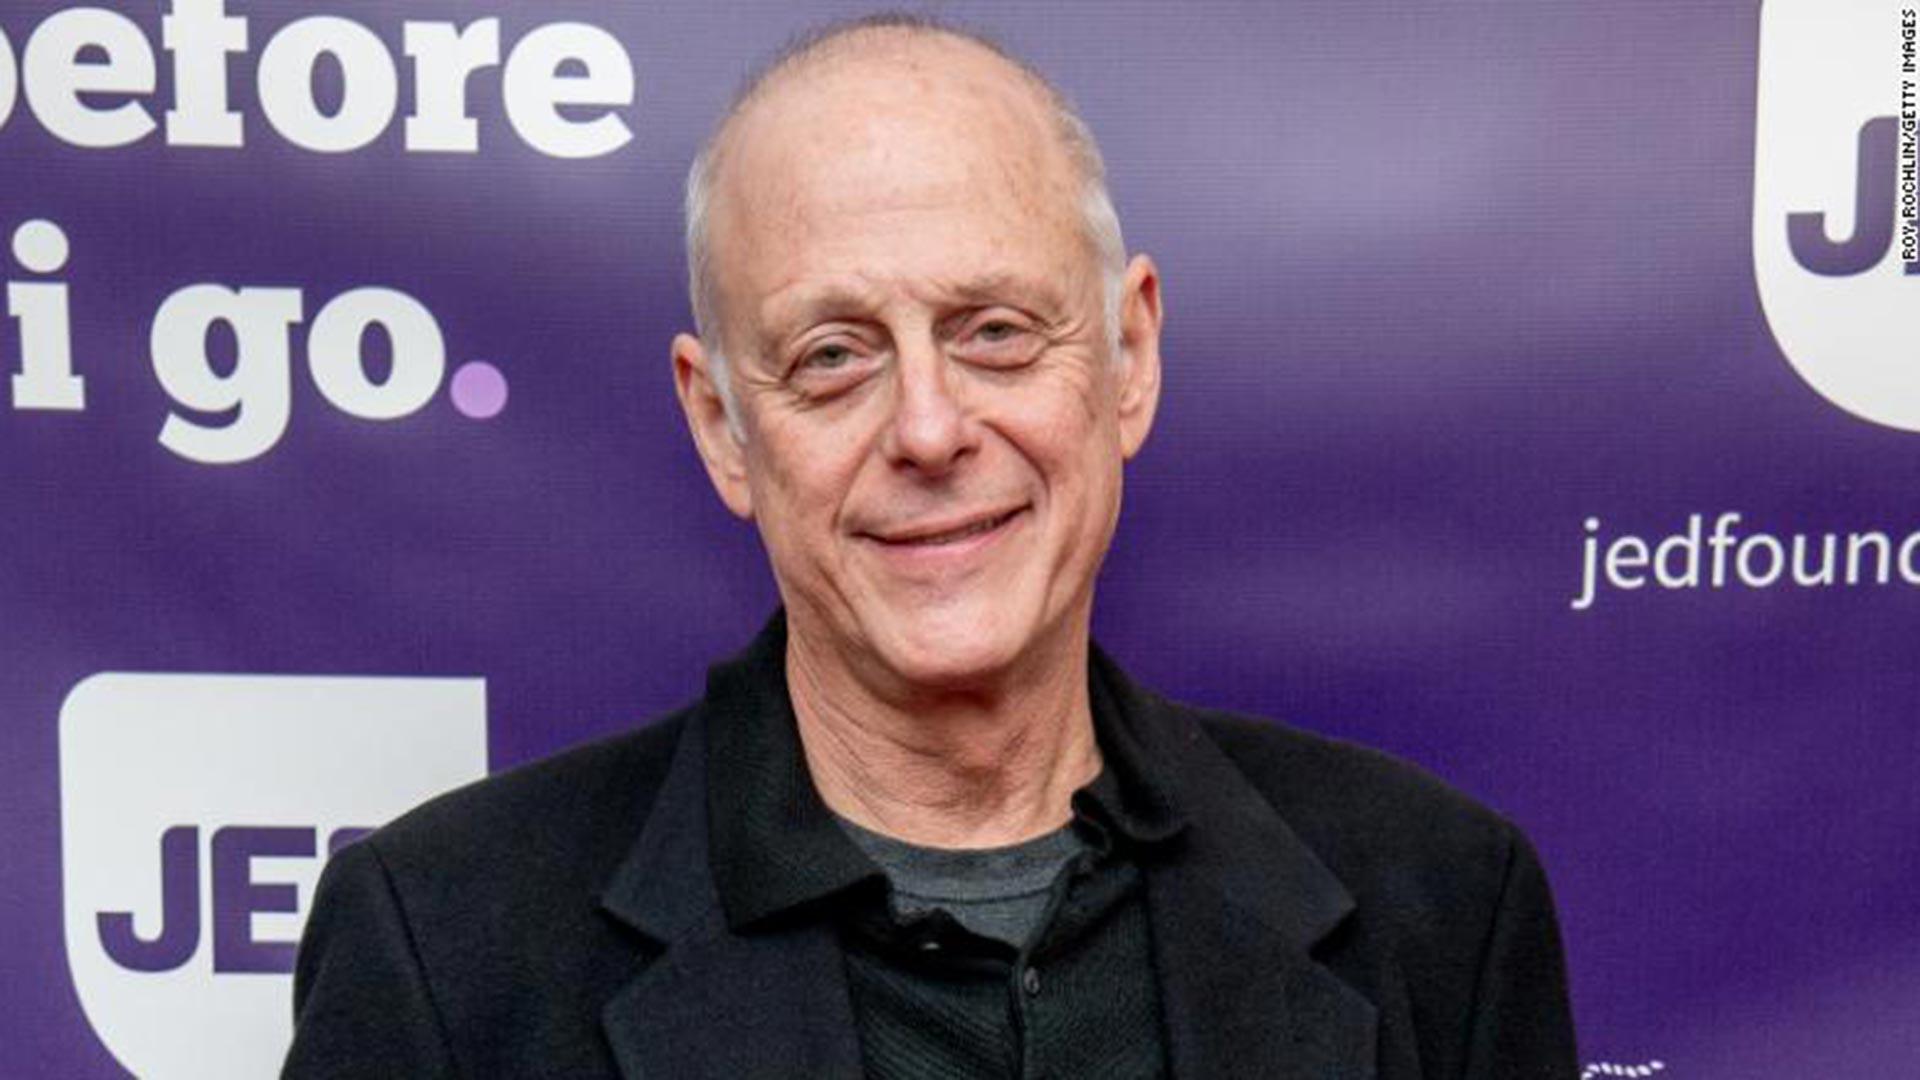 Actores Porno Norteamericanos Años 80 Y 90 murió el actor mark blum: tenía coronavirus - infobae